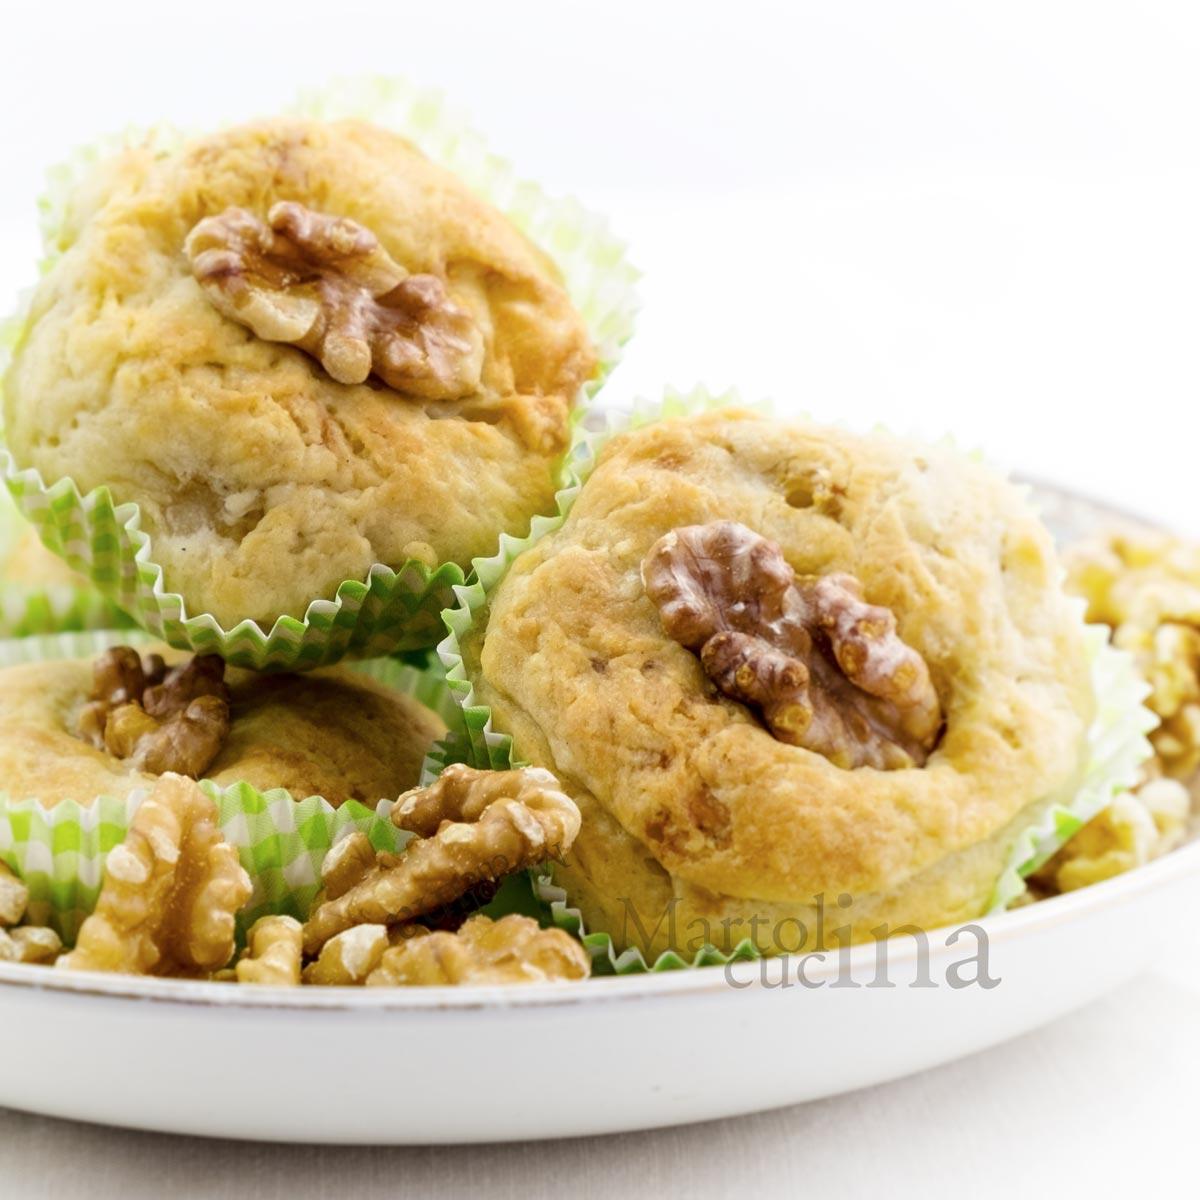 Muffin pere, formaggio e noci